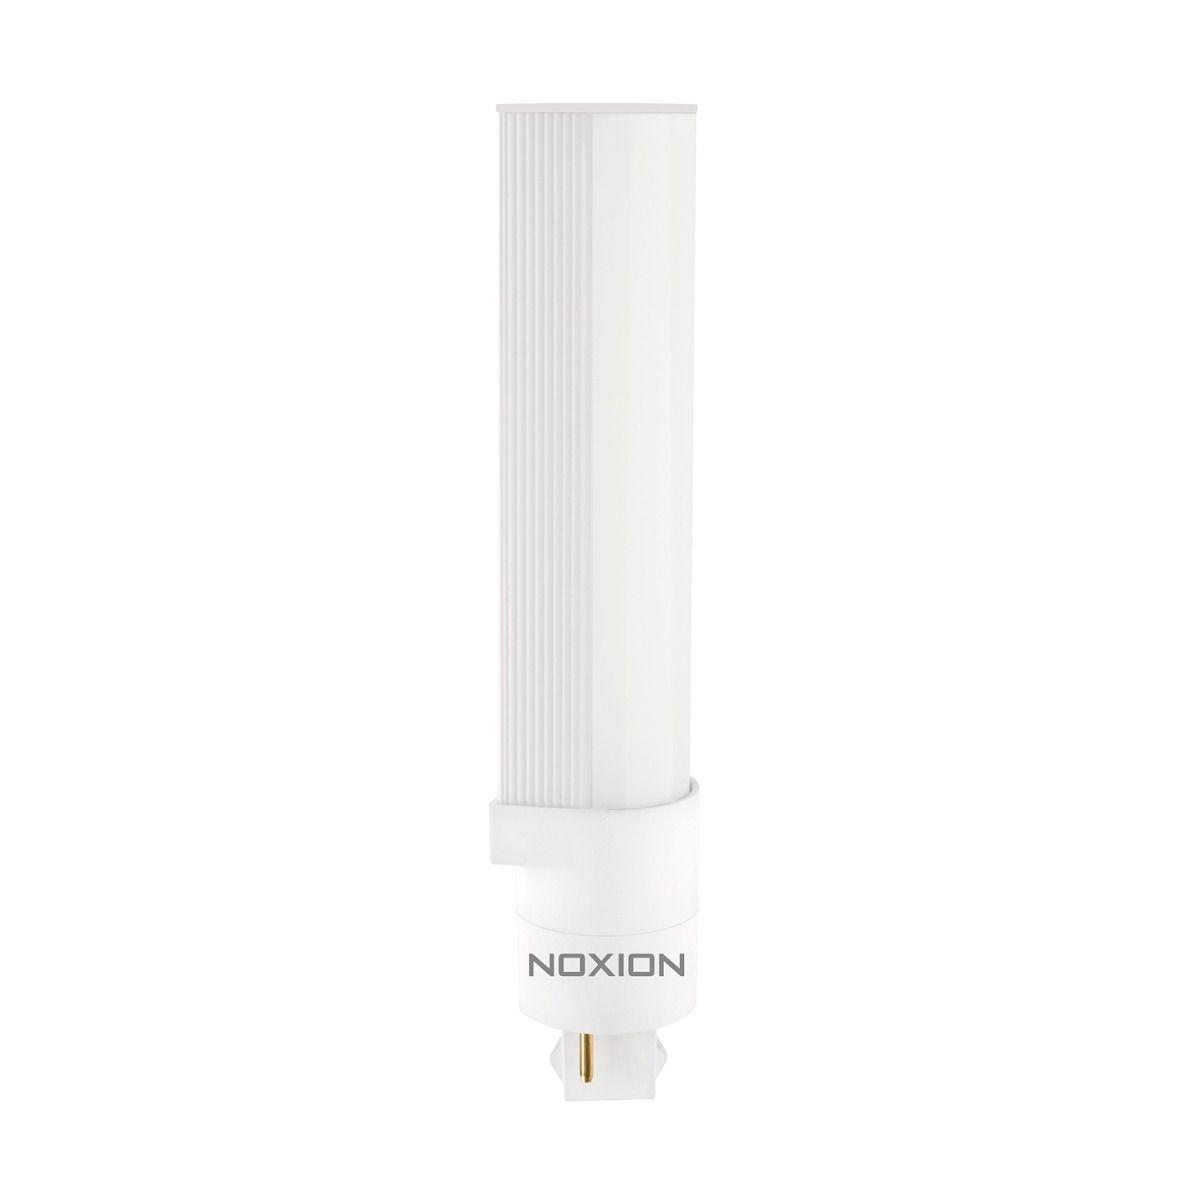 Noxion Lucent LED PL-C EM 6.5W 830   Blanc Chaud - 2-Pins - Substitut 18W